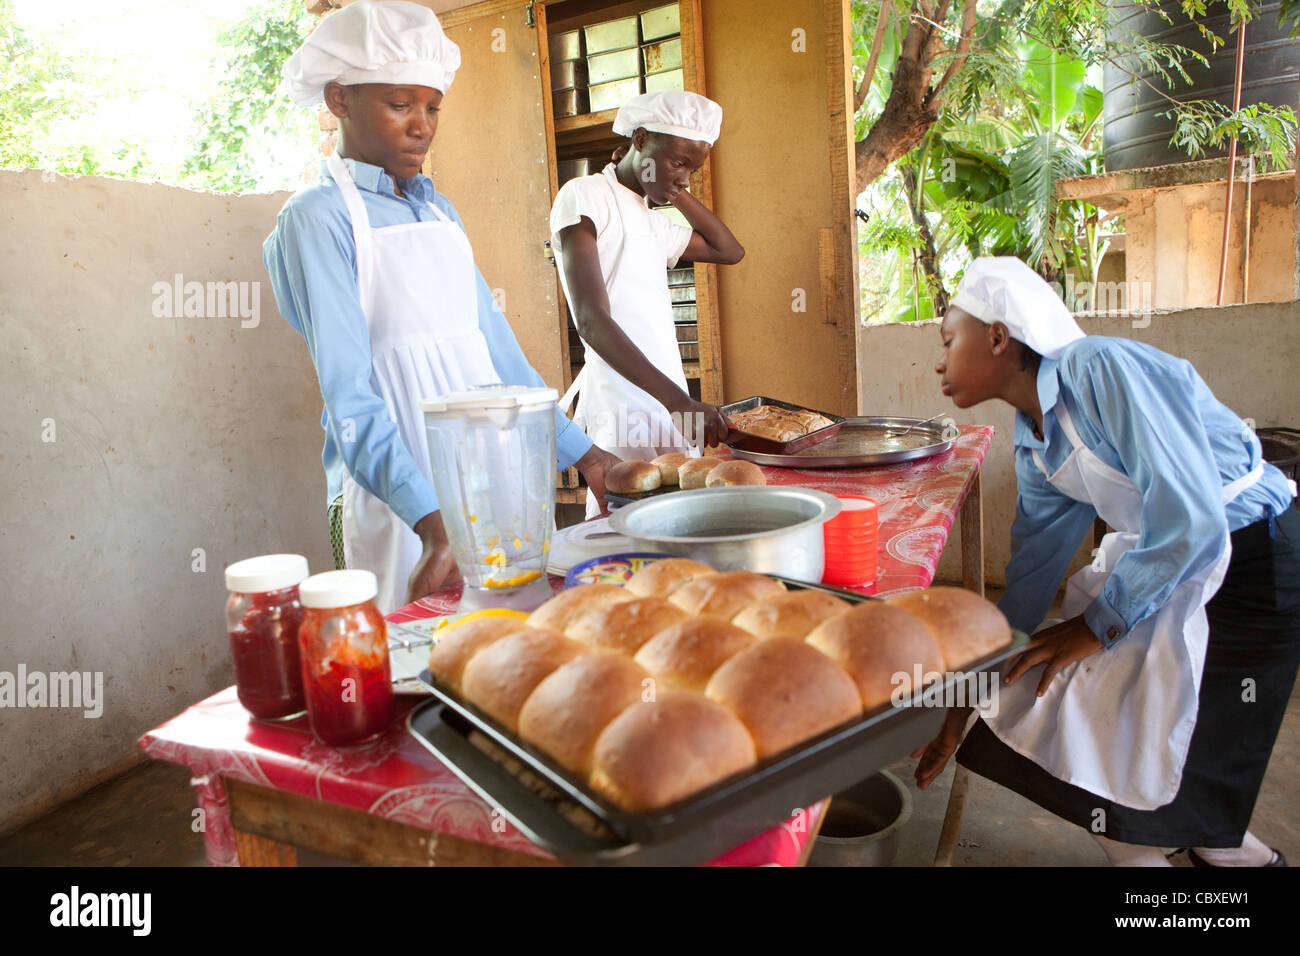 Les élèves fréquentent une classe d'art culinaire dans la région de Morogoro, Tanzanie, Photo Stock